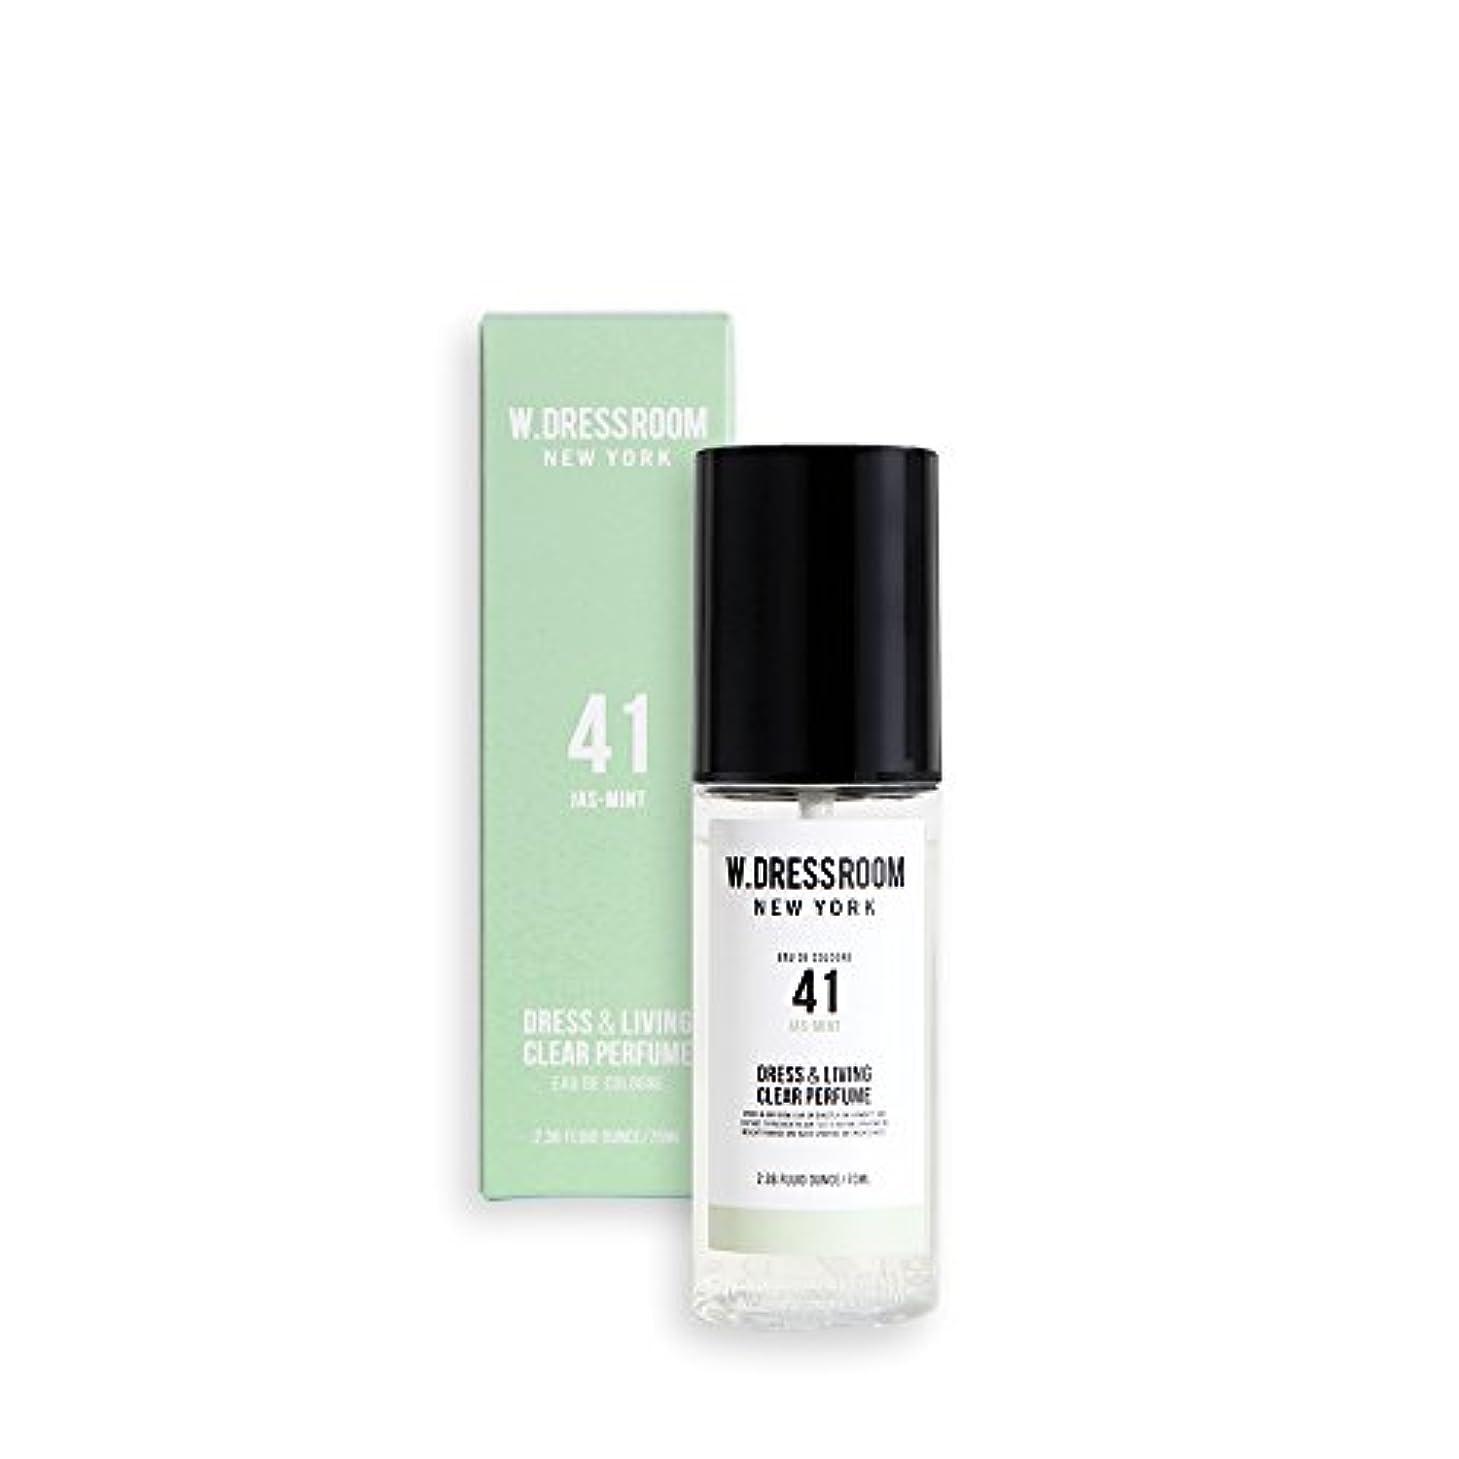 明らかに残酷ペチコートW.DRESSROOM Dress & Living Clear Perfume 70ml/ダブルドレスルーム ドレス&リビング クリア パフューム 70ml (#No.41 Jas-Mint) [並行輸入品]